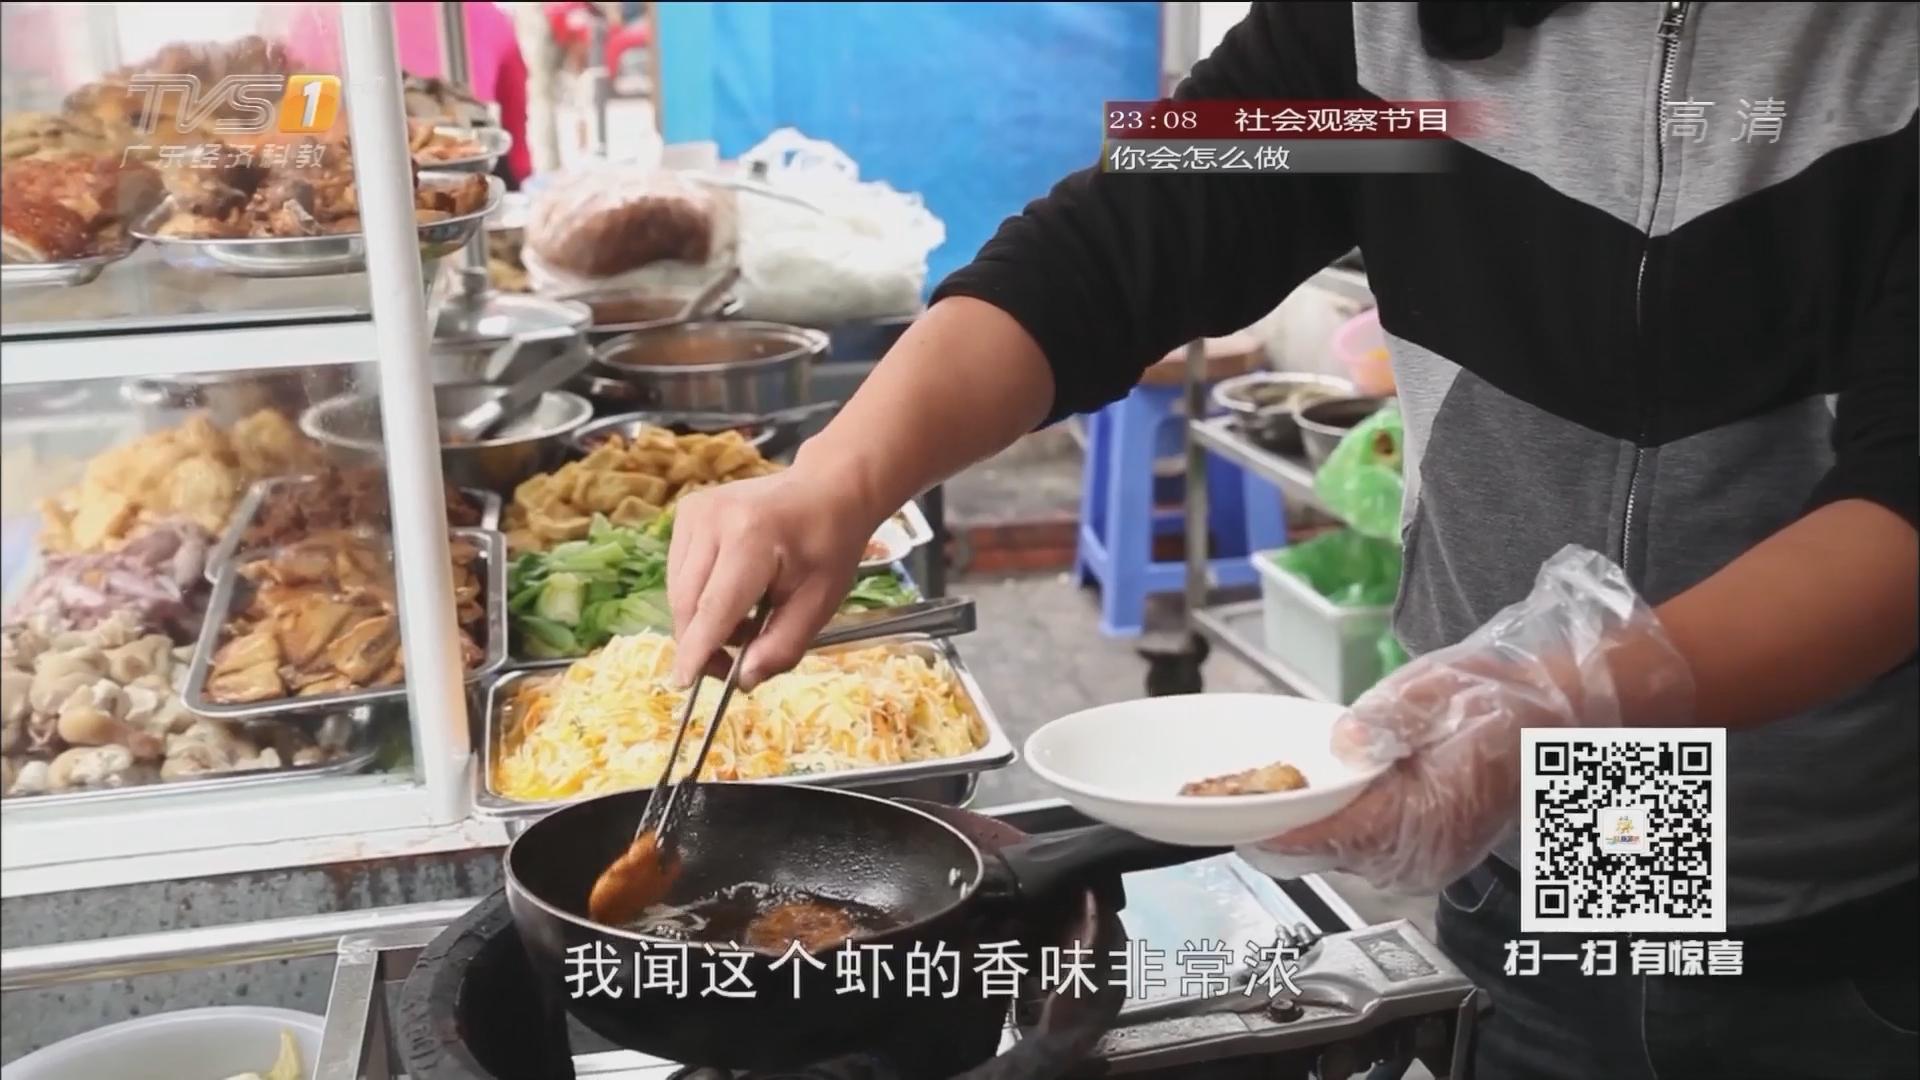 越南美食图片